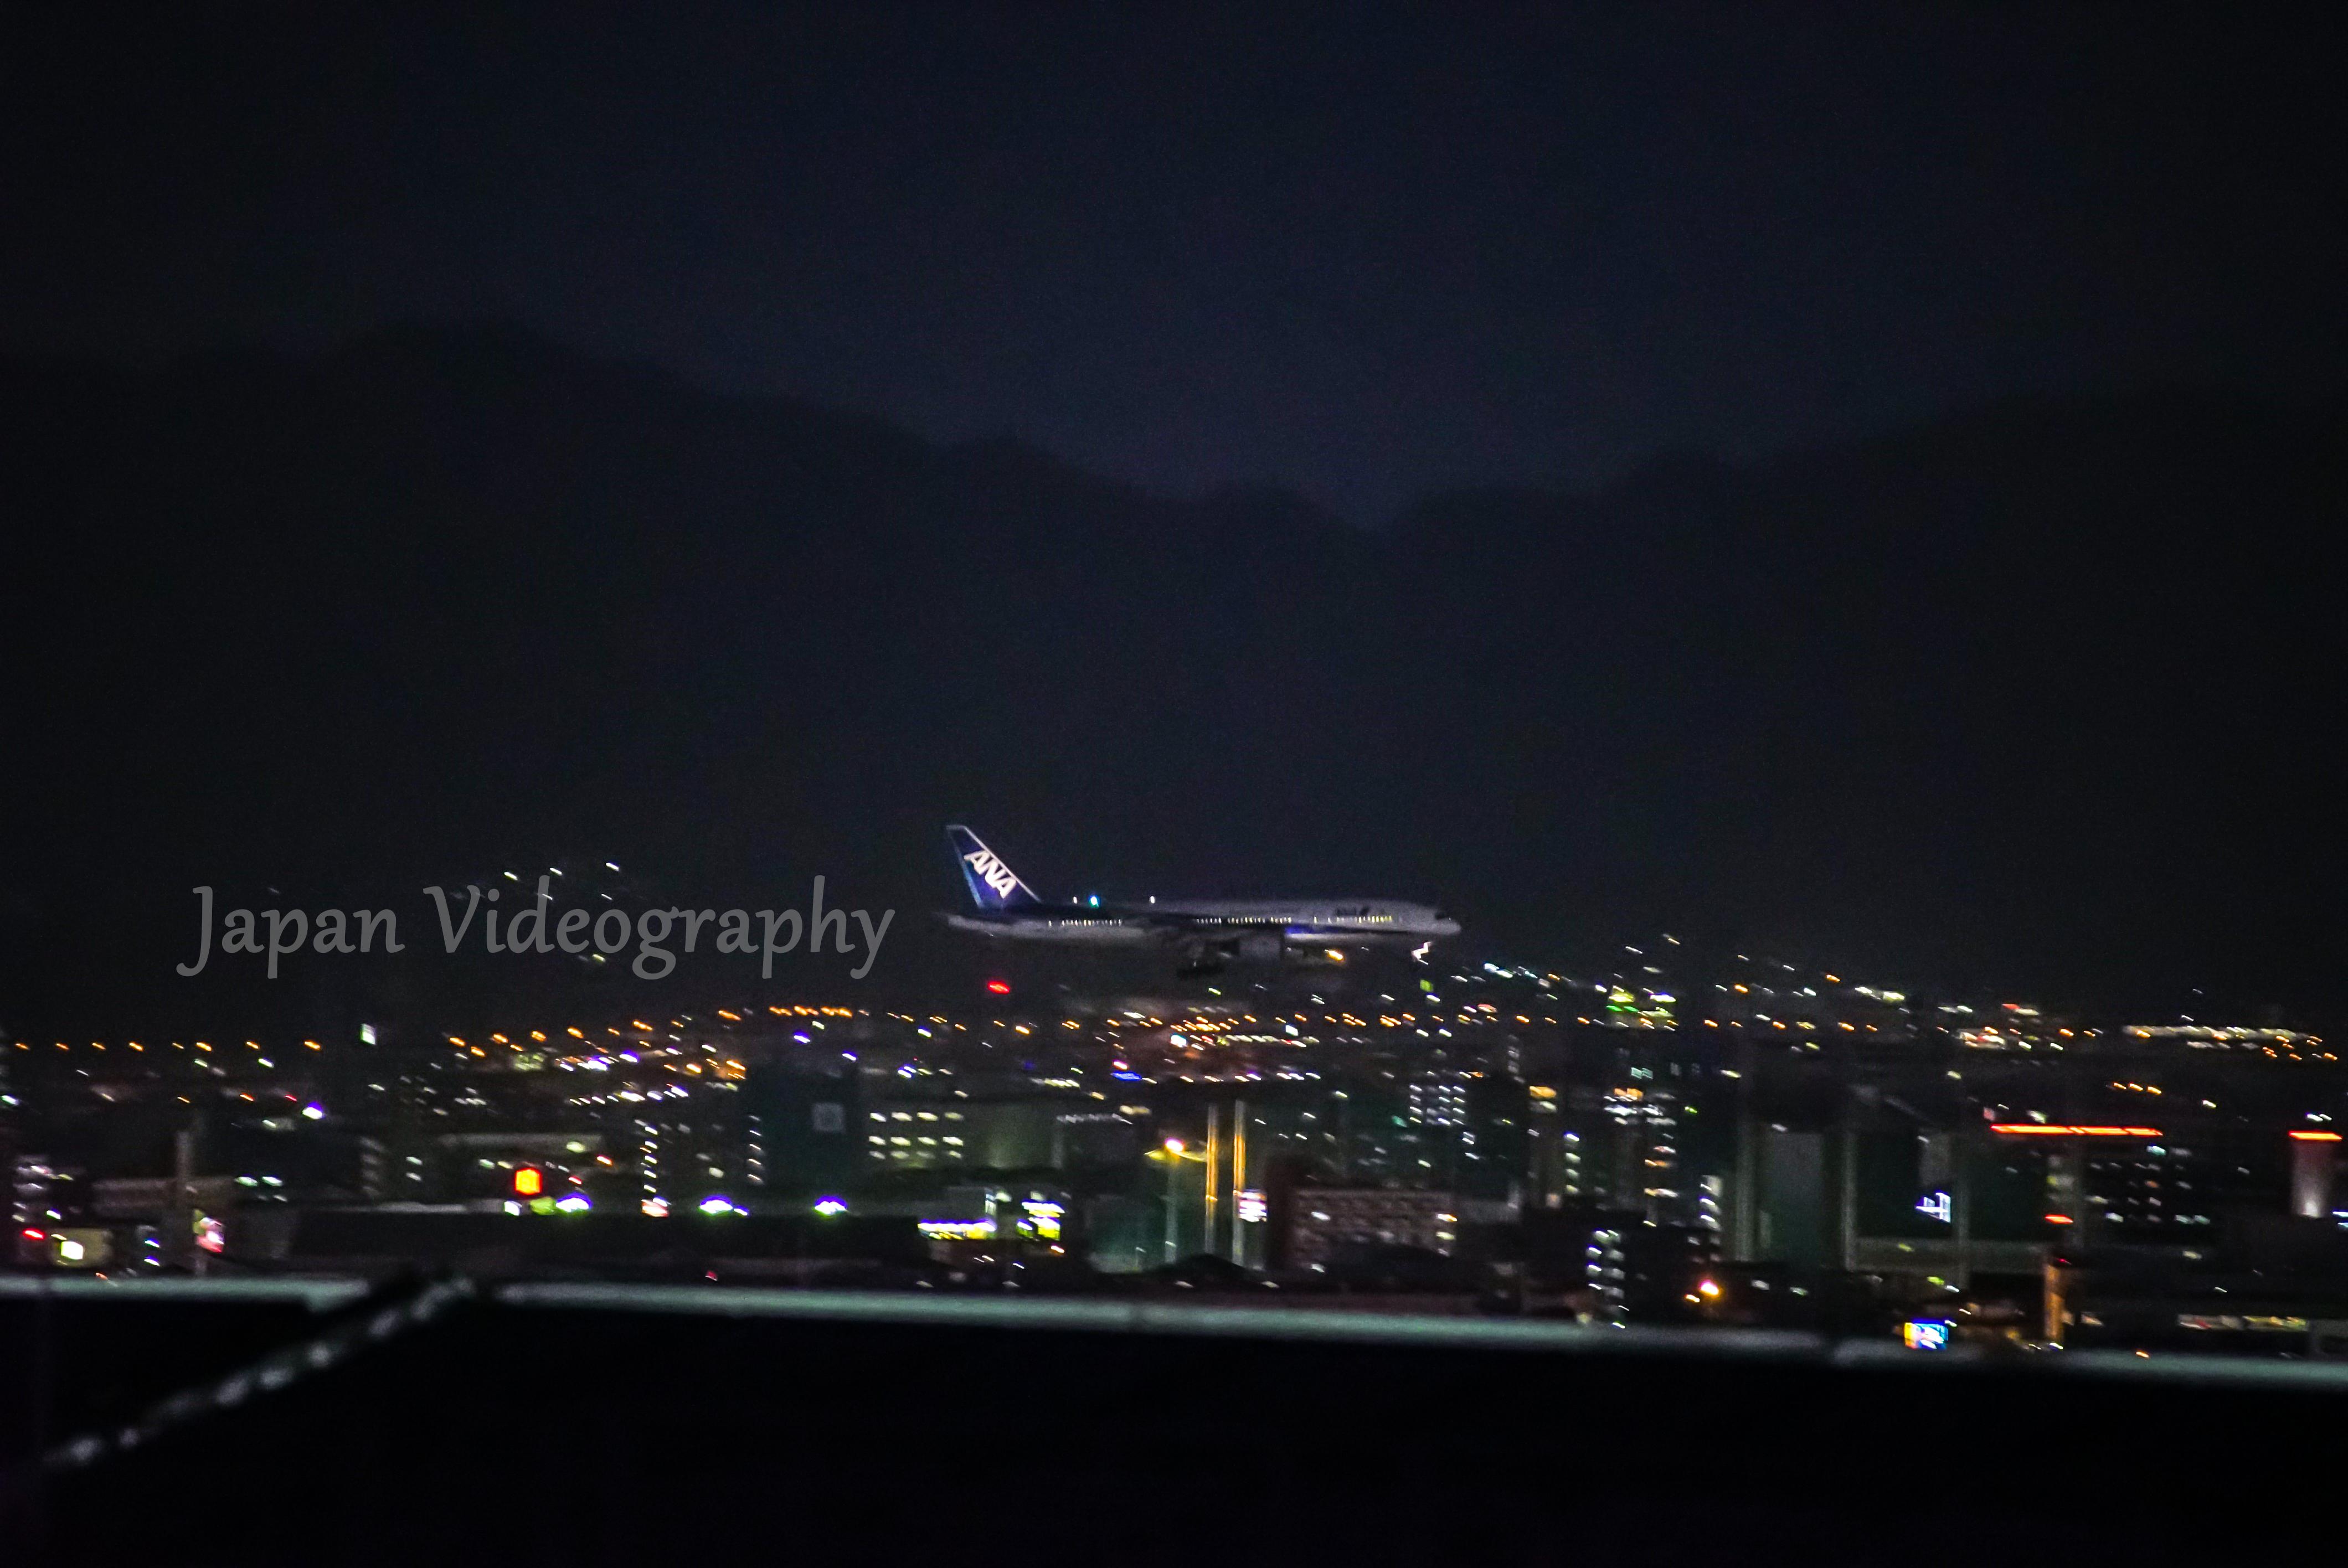 福岡県福岡市 博多駅ビルから眺める夜景と飛行機